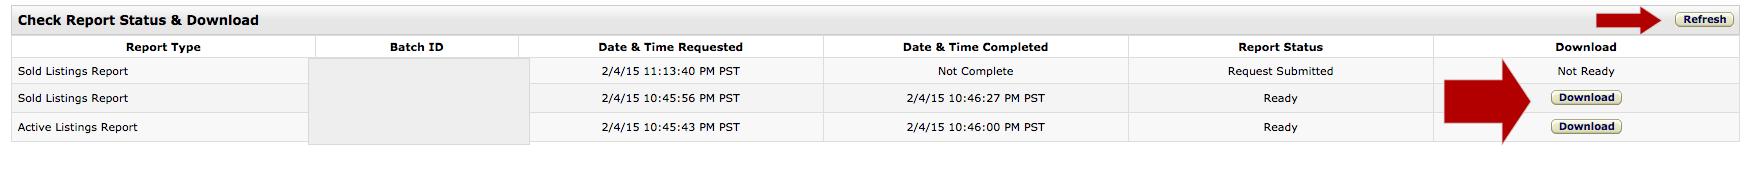 スクリーンショット 2015-02-05 16.27.22